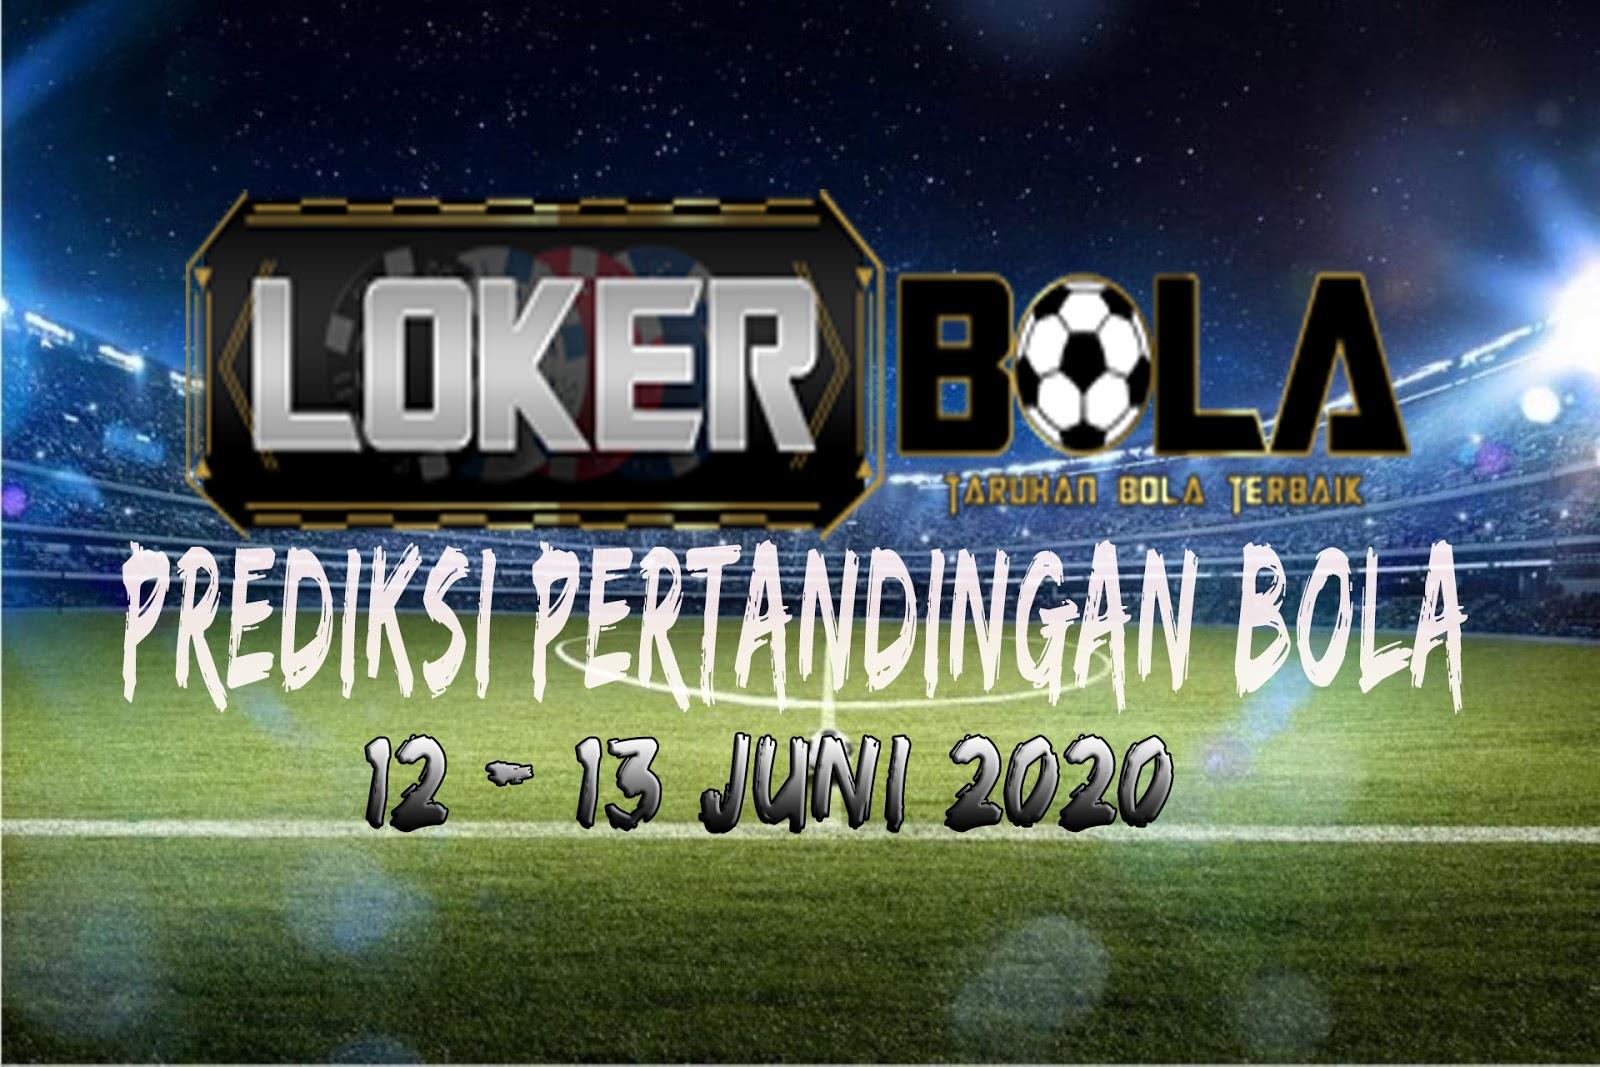 PREDIKSI PERTANDINGAN BOLA 12 – 13 June 2020